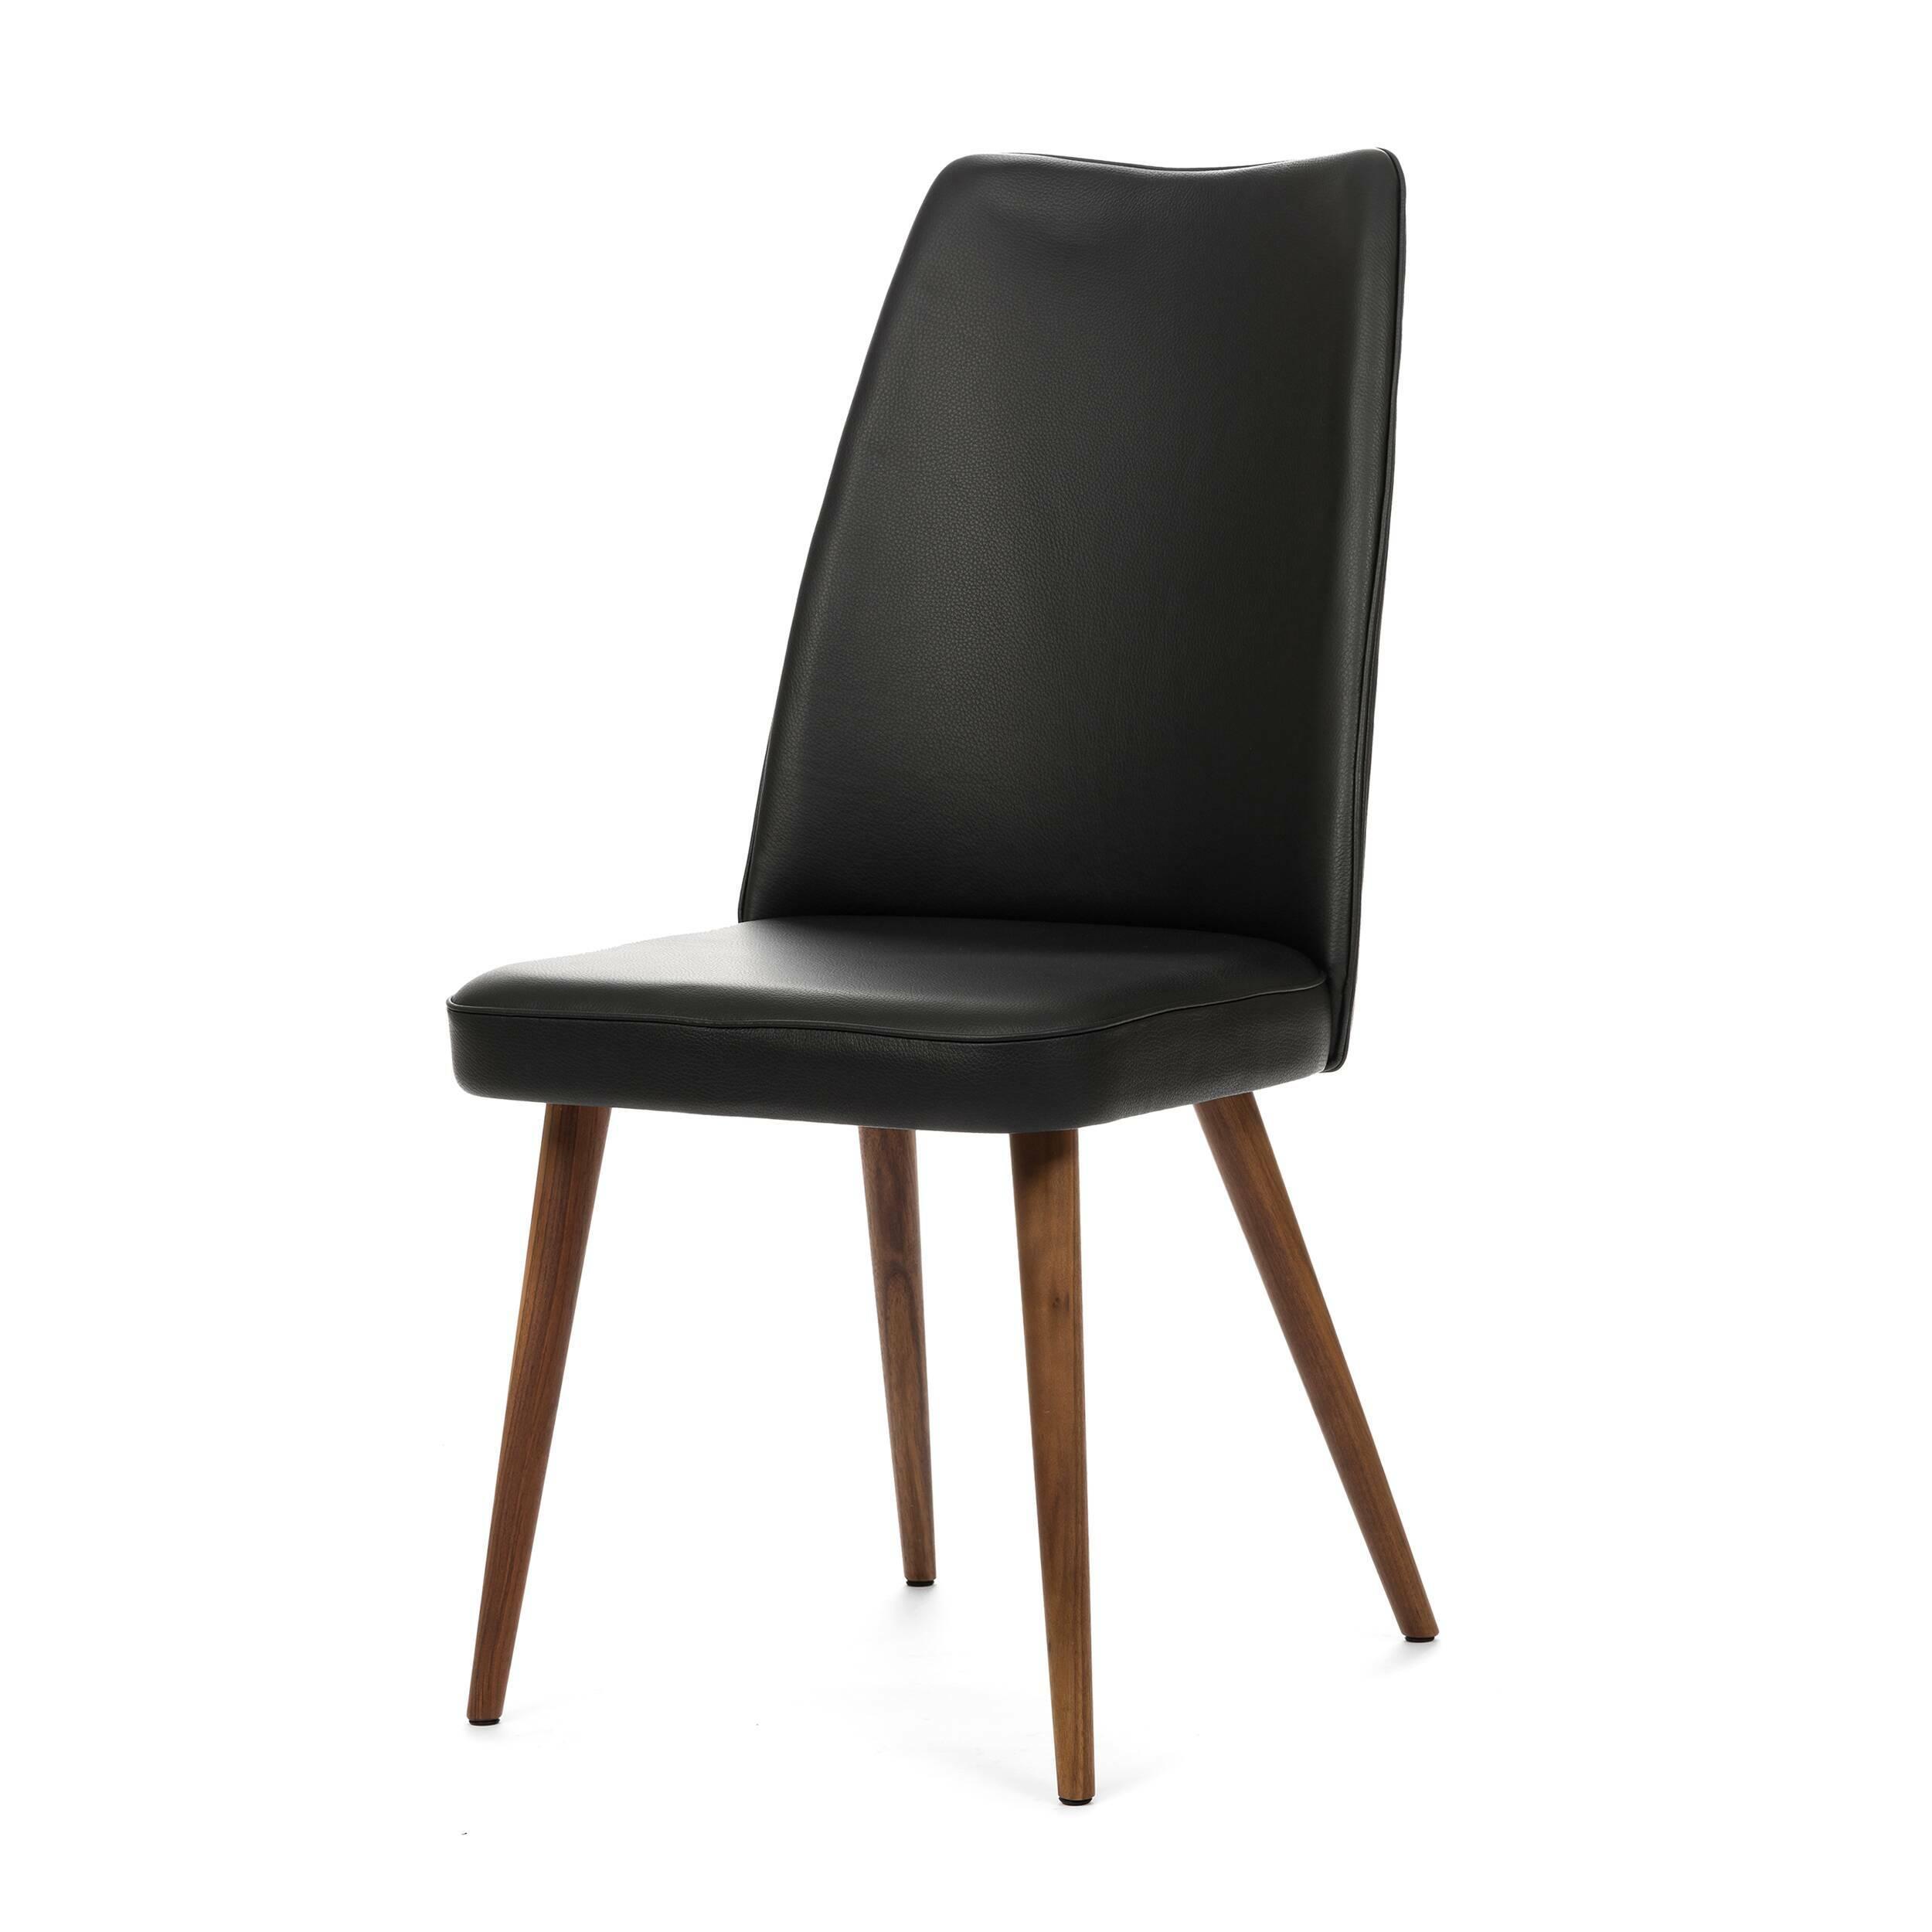 Стул Lounge HighИнтерьерные<br>Дизайнерский мягкий стул Lounge High (Лаундж Хайт) с высокой спинкой на деревянных ножках от Cosmo (Космо).<br><br> Стул Lounge High — это удобный, простой и одновременно оригинальный и необычный предмет интерьера, который открывает новые возможности ввиду своей универсальности. Стул прекрасно впишется в спокойный, мягкий, тихий и уютный интерьер кафе, ресторана или же прекрасно будет смотреться в гостиной возле обеденного стола. <br><br><br>     Основание выполнено из натурального ореха, а само сидень...<br><br>stock: 0<br>Высота: 93<br>Высота сиденья: 46<br>Ширина: 47<br>Глубина: 57<br>Цвет ножек: Орех<br>Материал ножек: Массив ореха<br>Цвет сидения: Черный<br>Тип материала сидения: Кожа<br>Коллекция ткани: Premium Leather<br>Тип материала ножек: Дерево